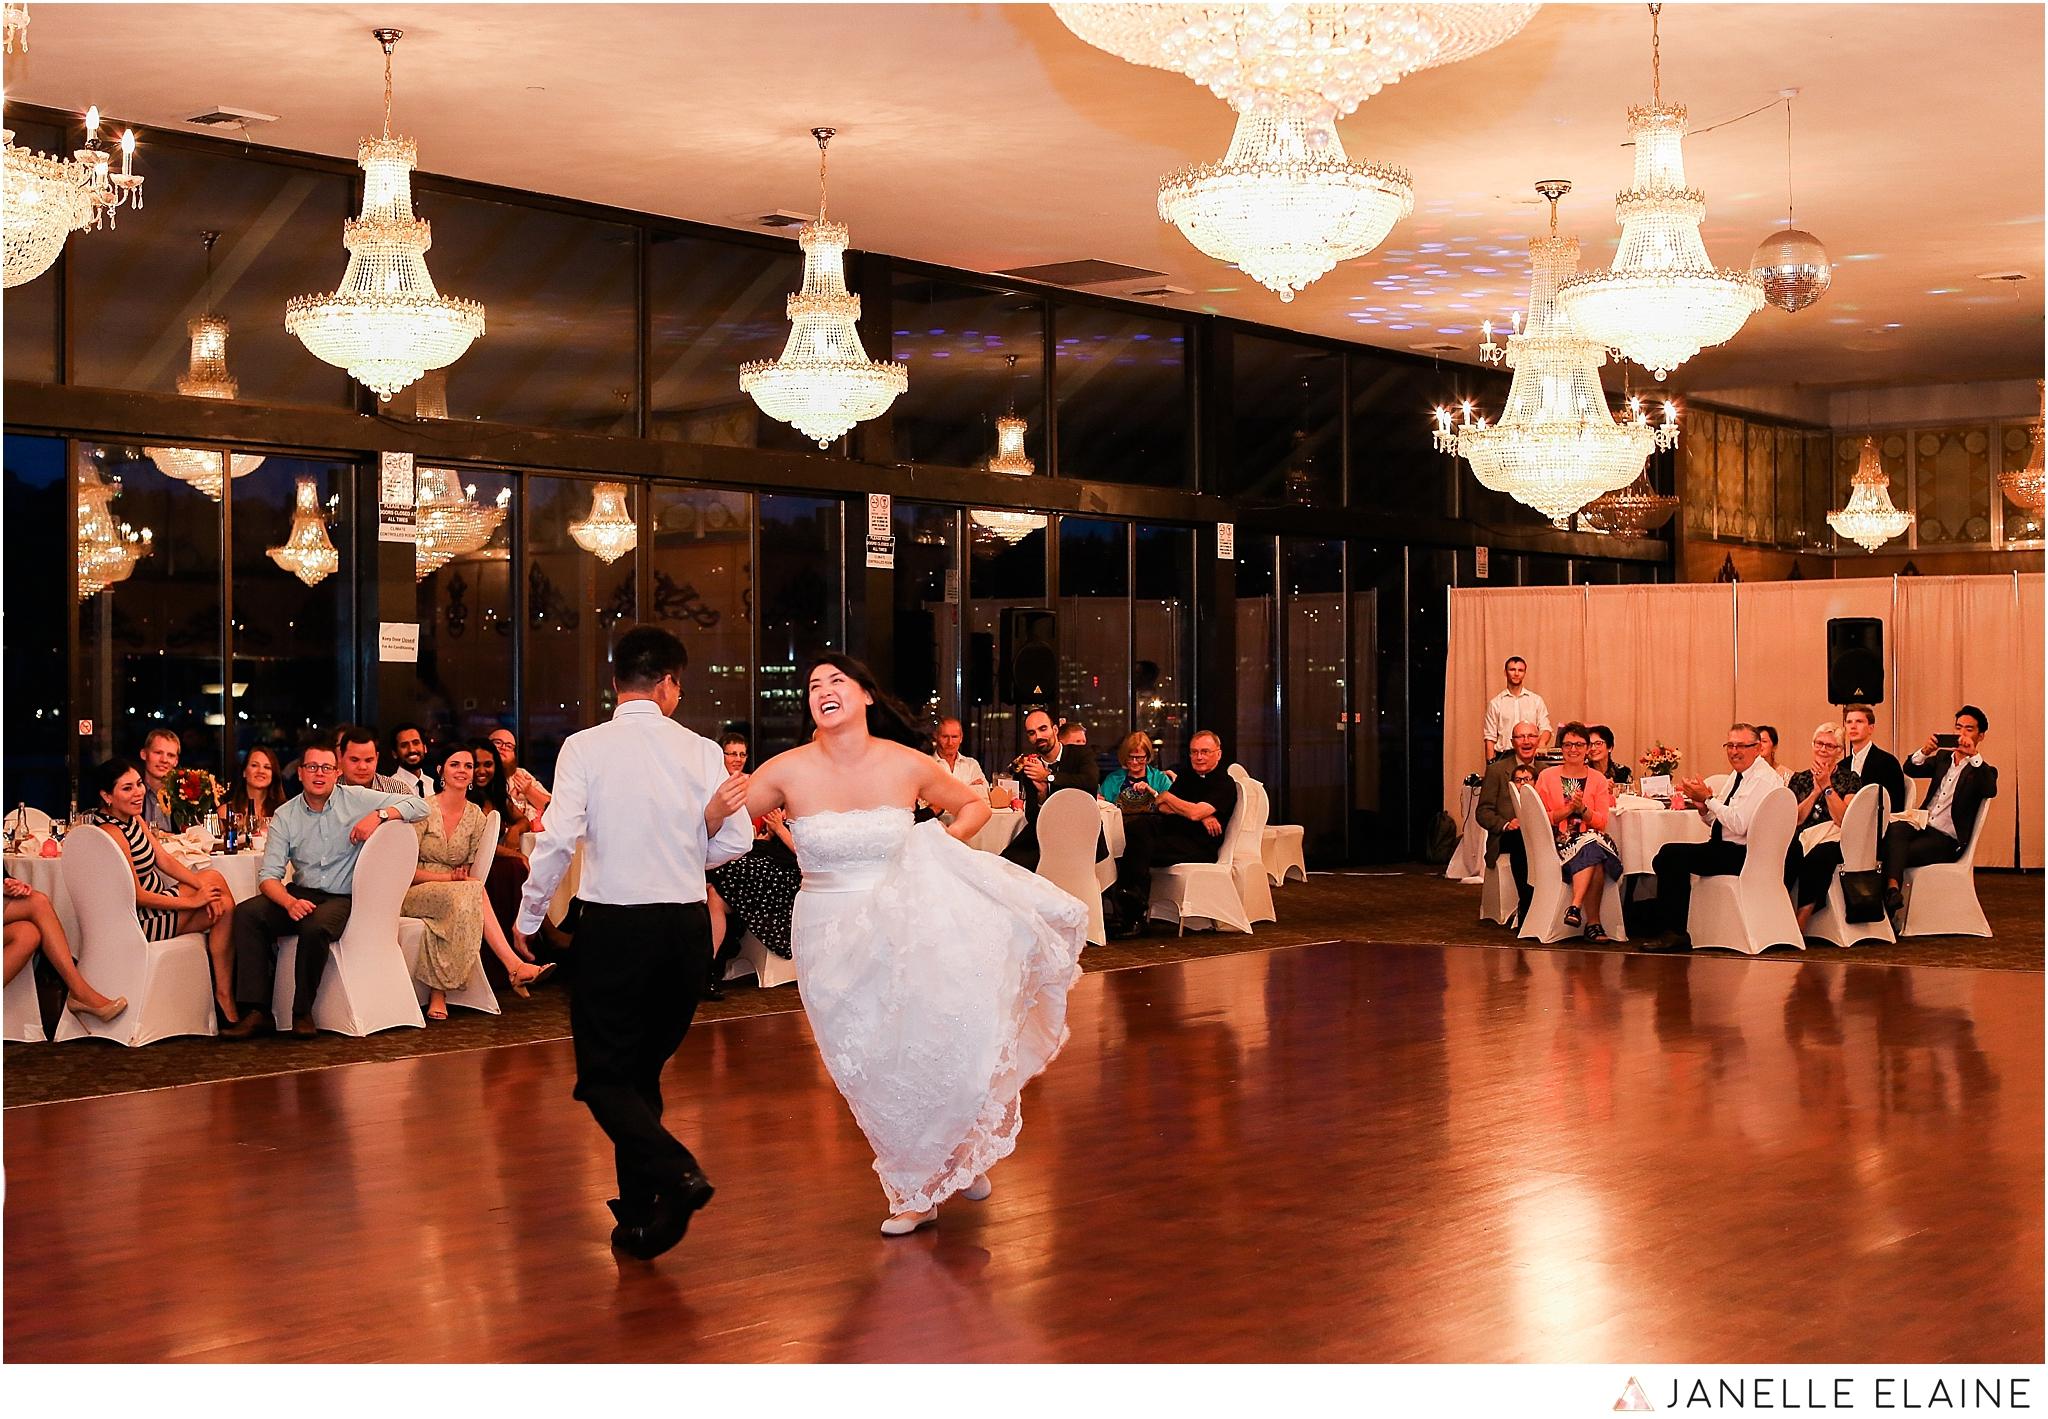 janelle elaine photography-professional wedding photographer seattle--186.jpg